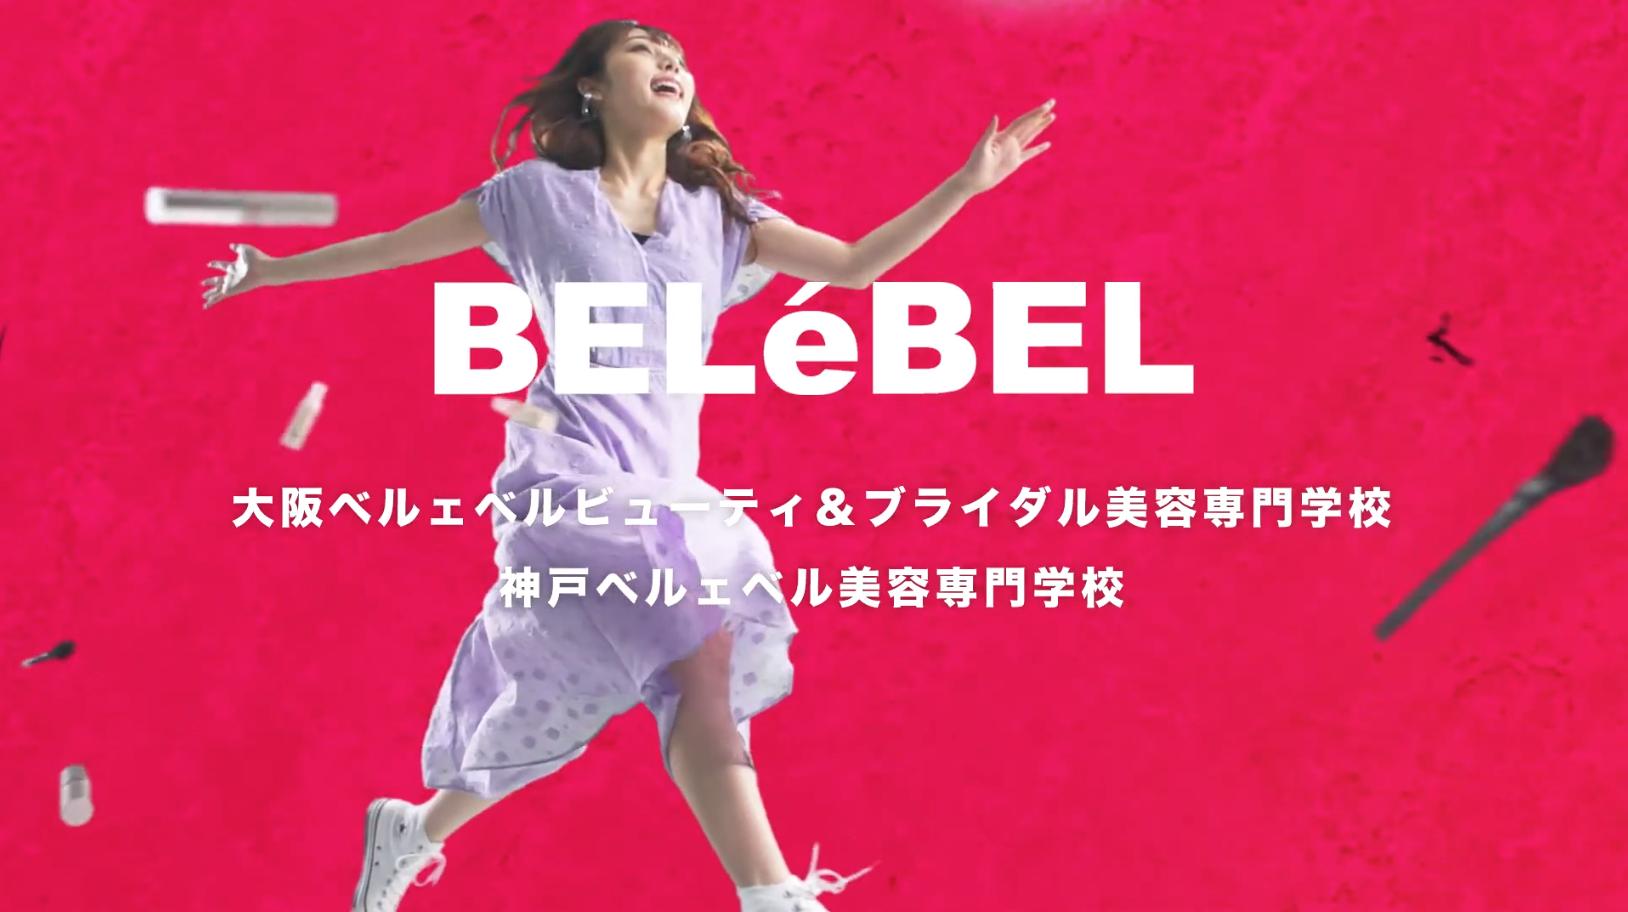 学校法人ロイヤル学園「古川優香」起用した学校ビジュアル  WEB CM